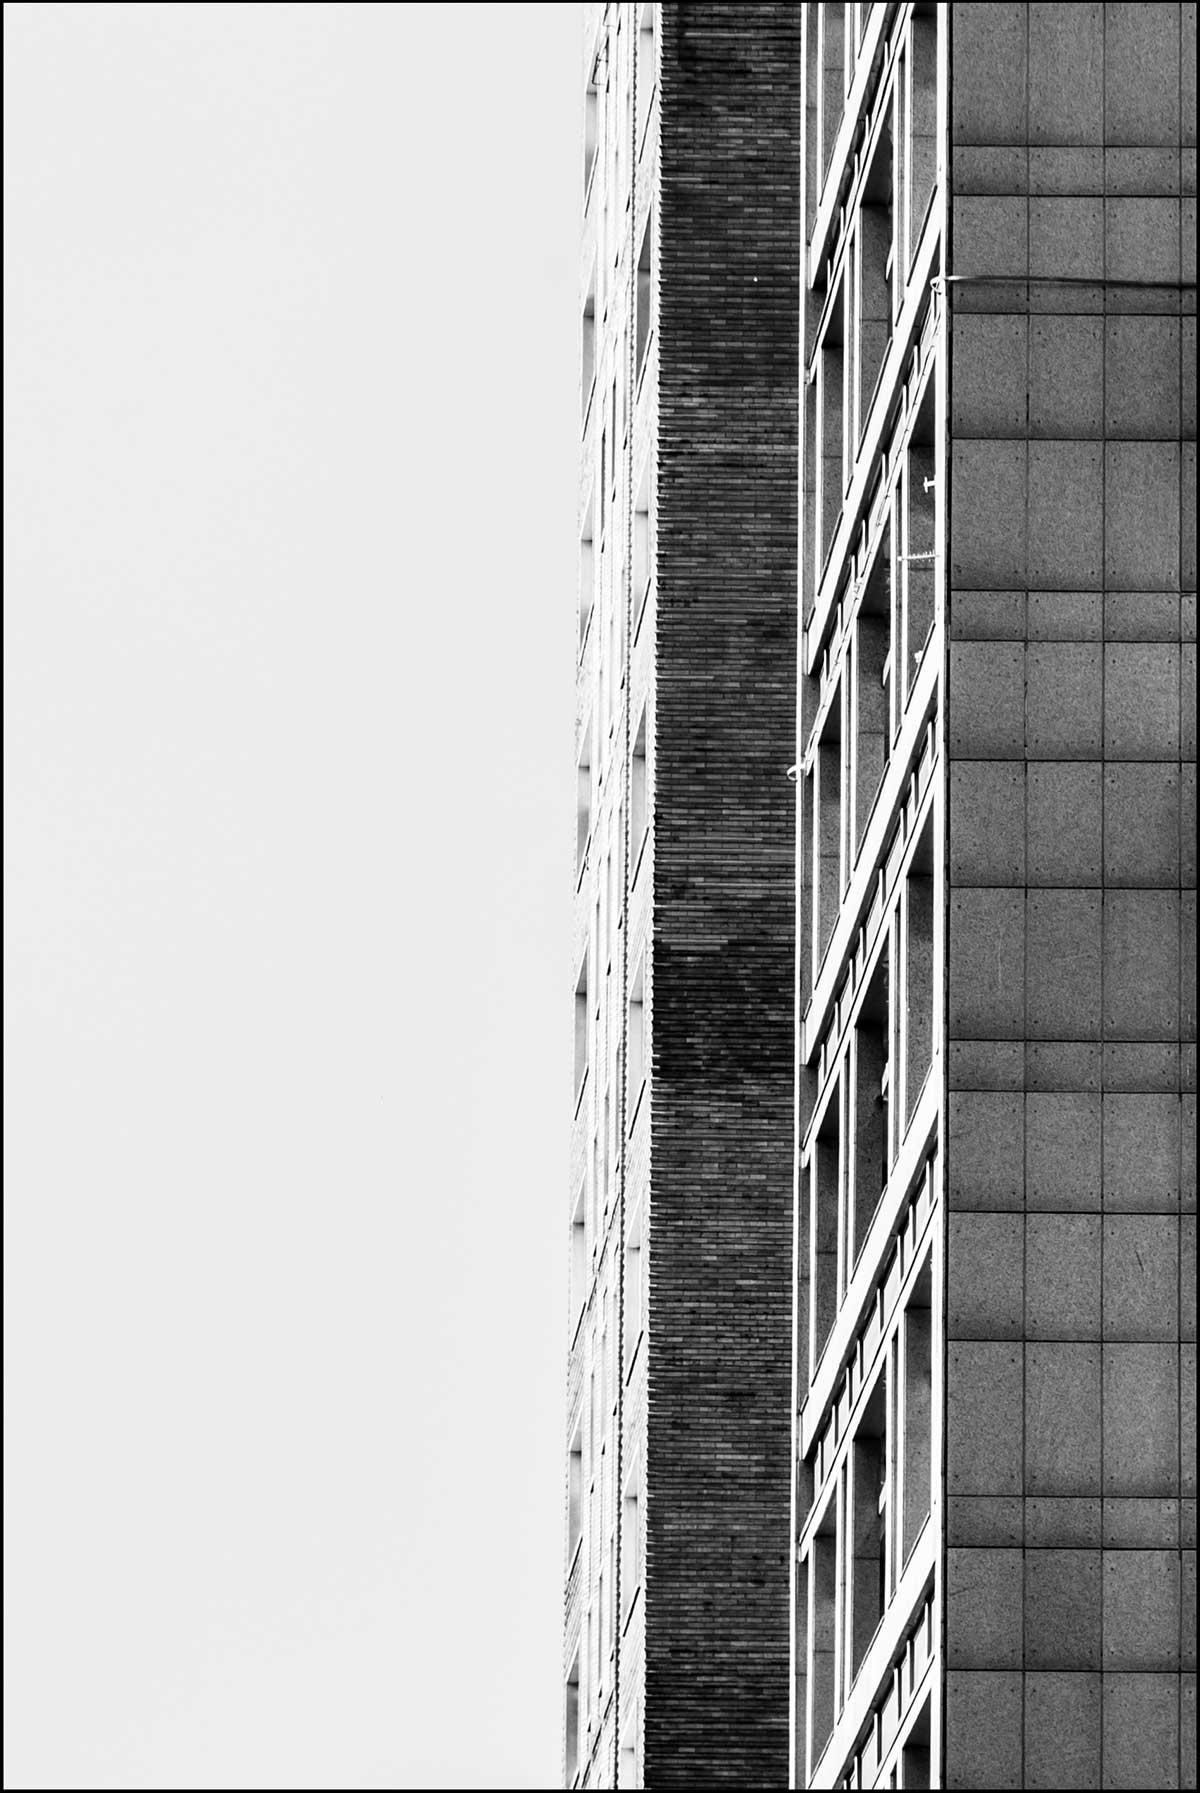 Milano. 2020.